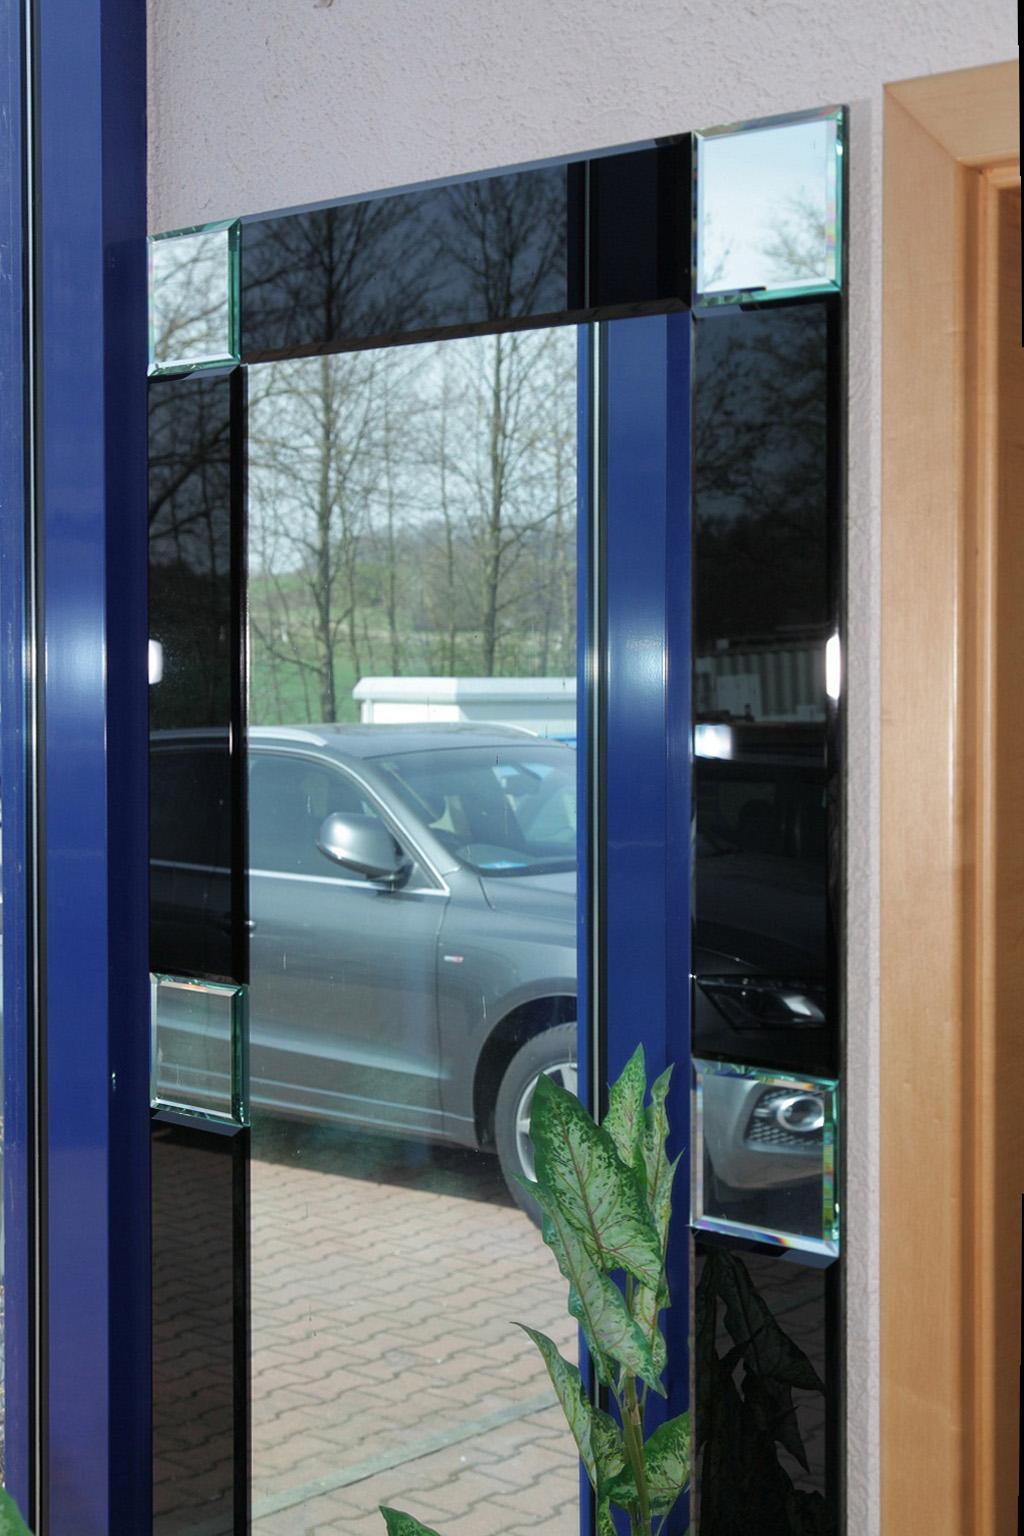 K che und wohnen glasspiegel reli glastechnologie for Spiegel und glas